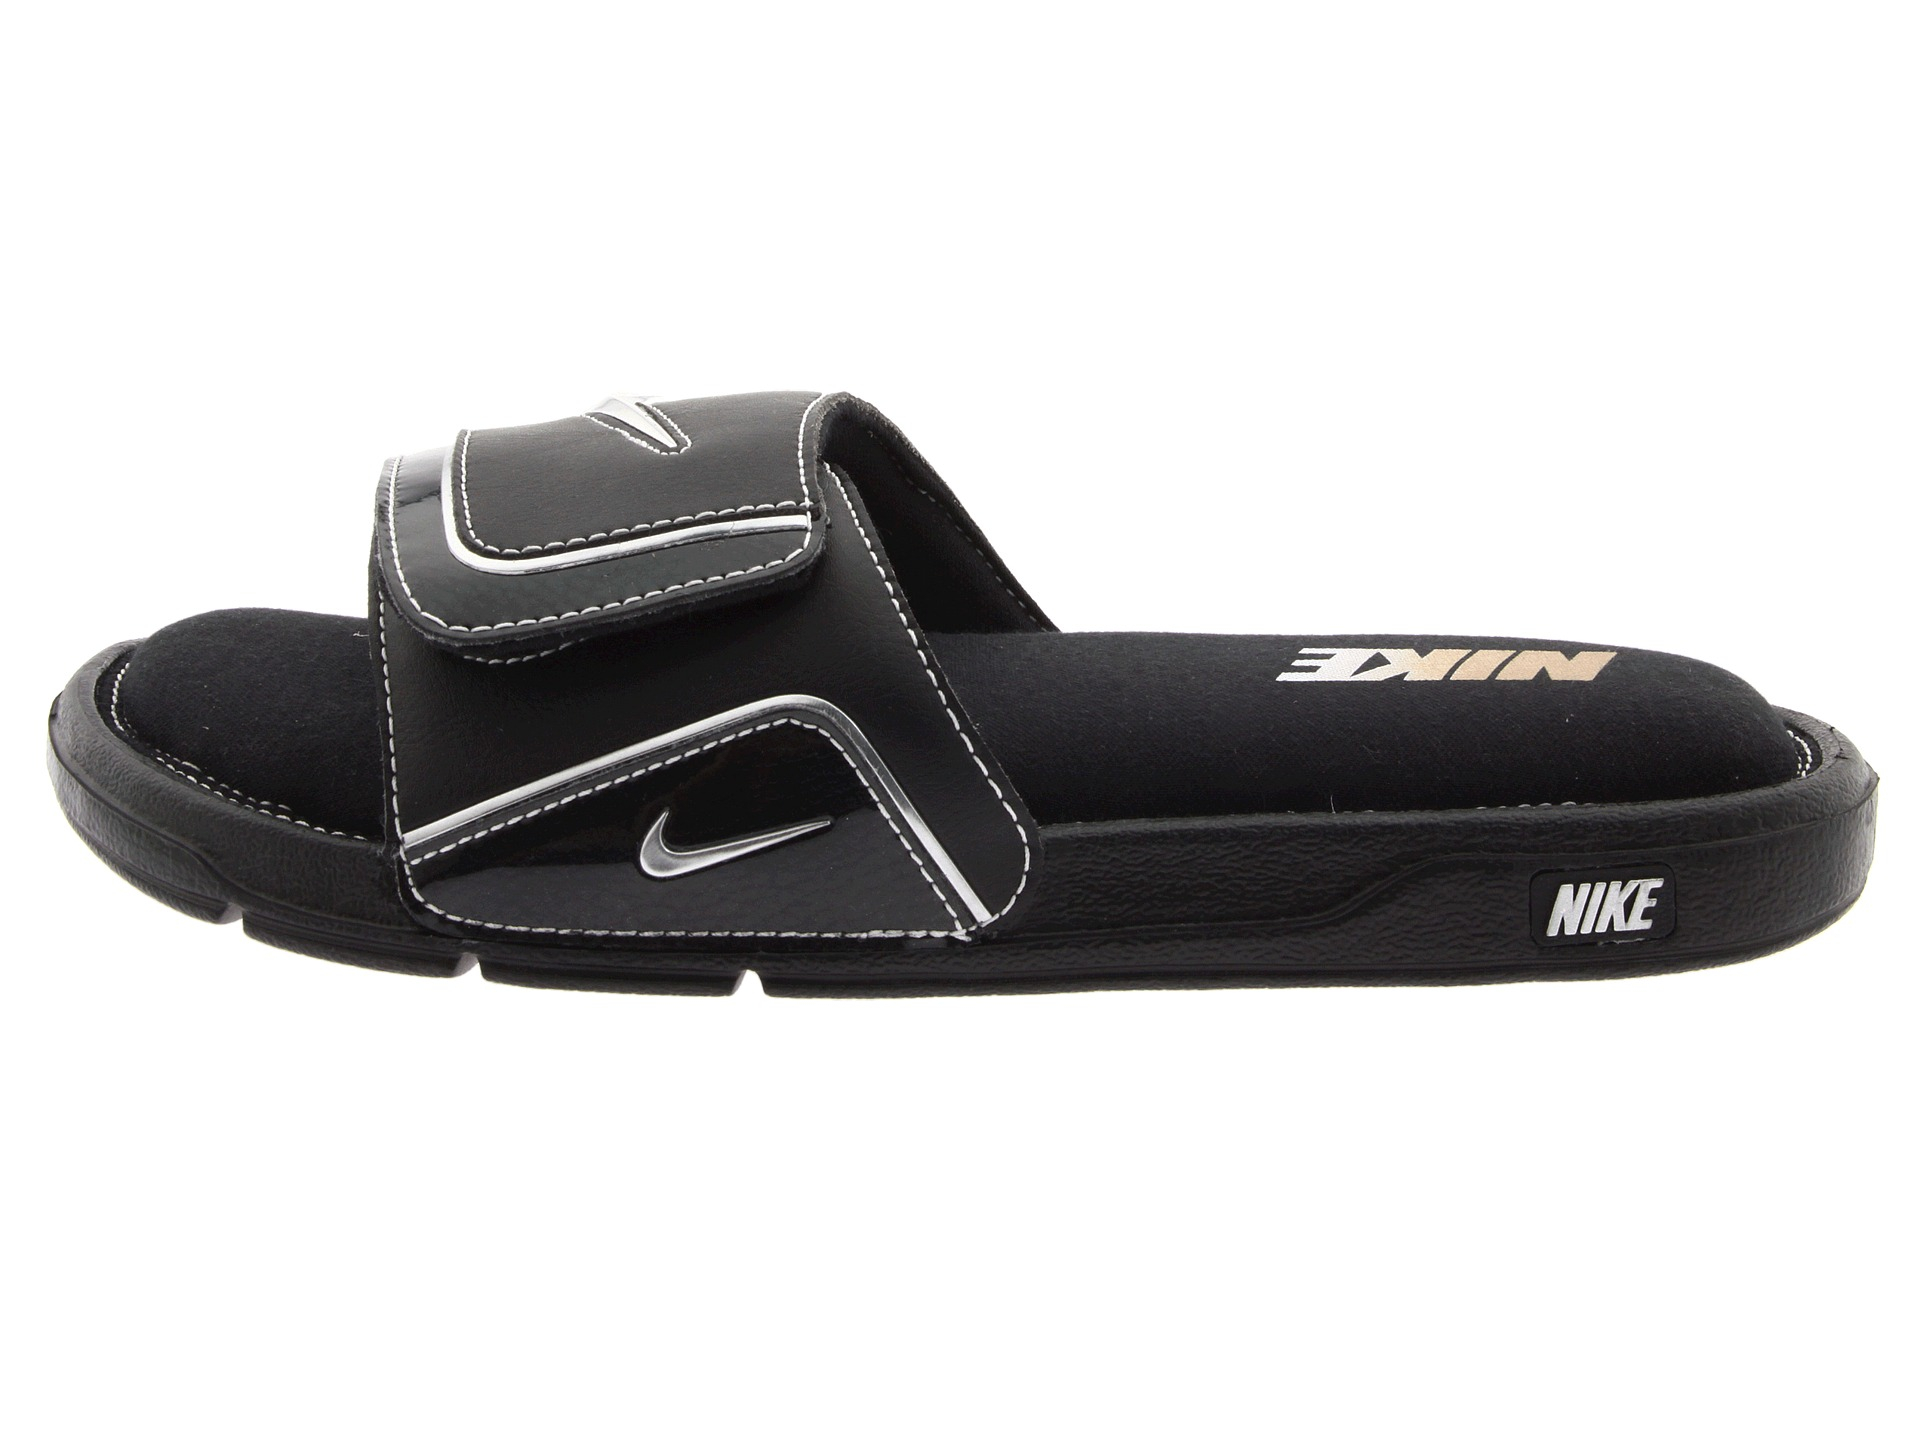 Nike Comfort Slide 2 In Black For Men Blackmetallic -6776